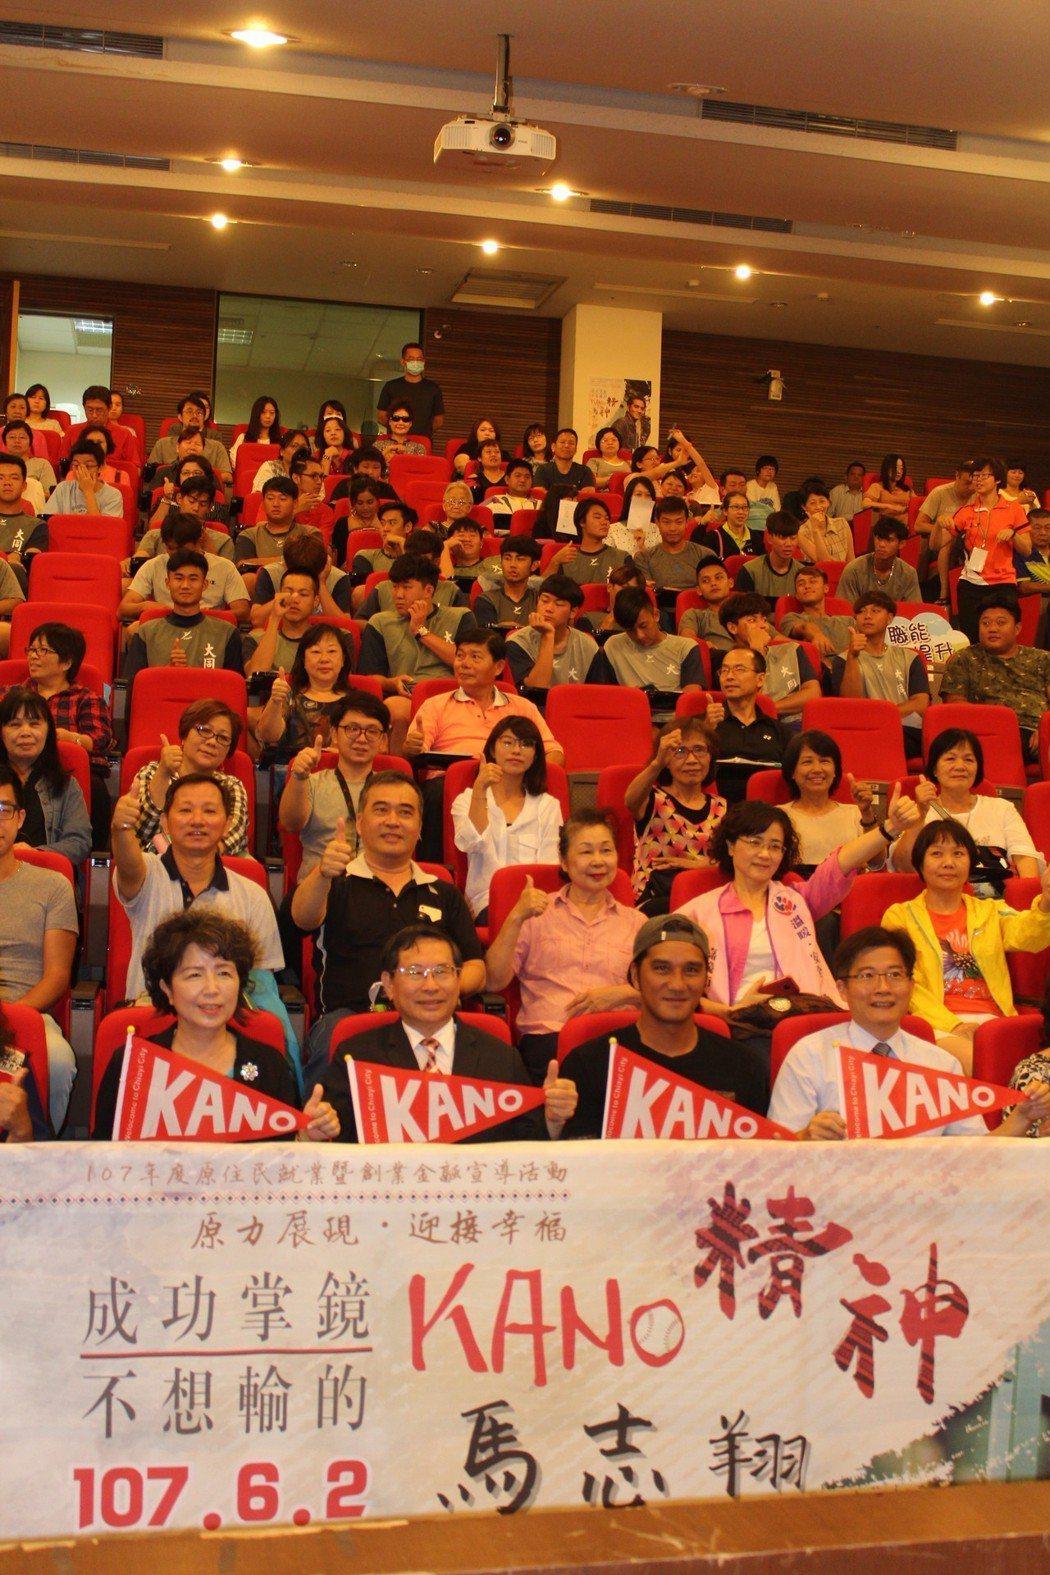 導演馬志翔(第一排右二)今天到嘉義市分享個人職涯「成功掌鏡、不想輸的KANO精神...